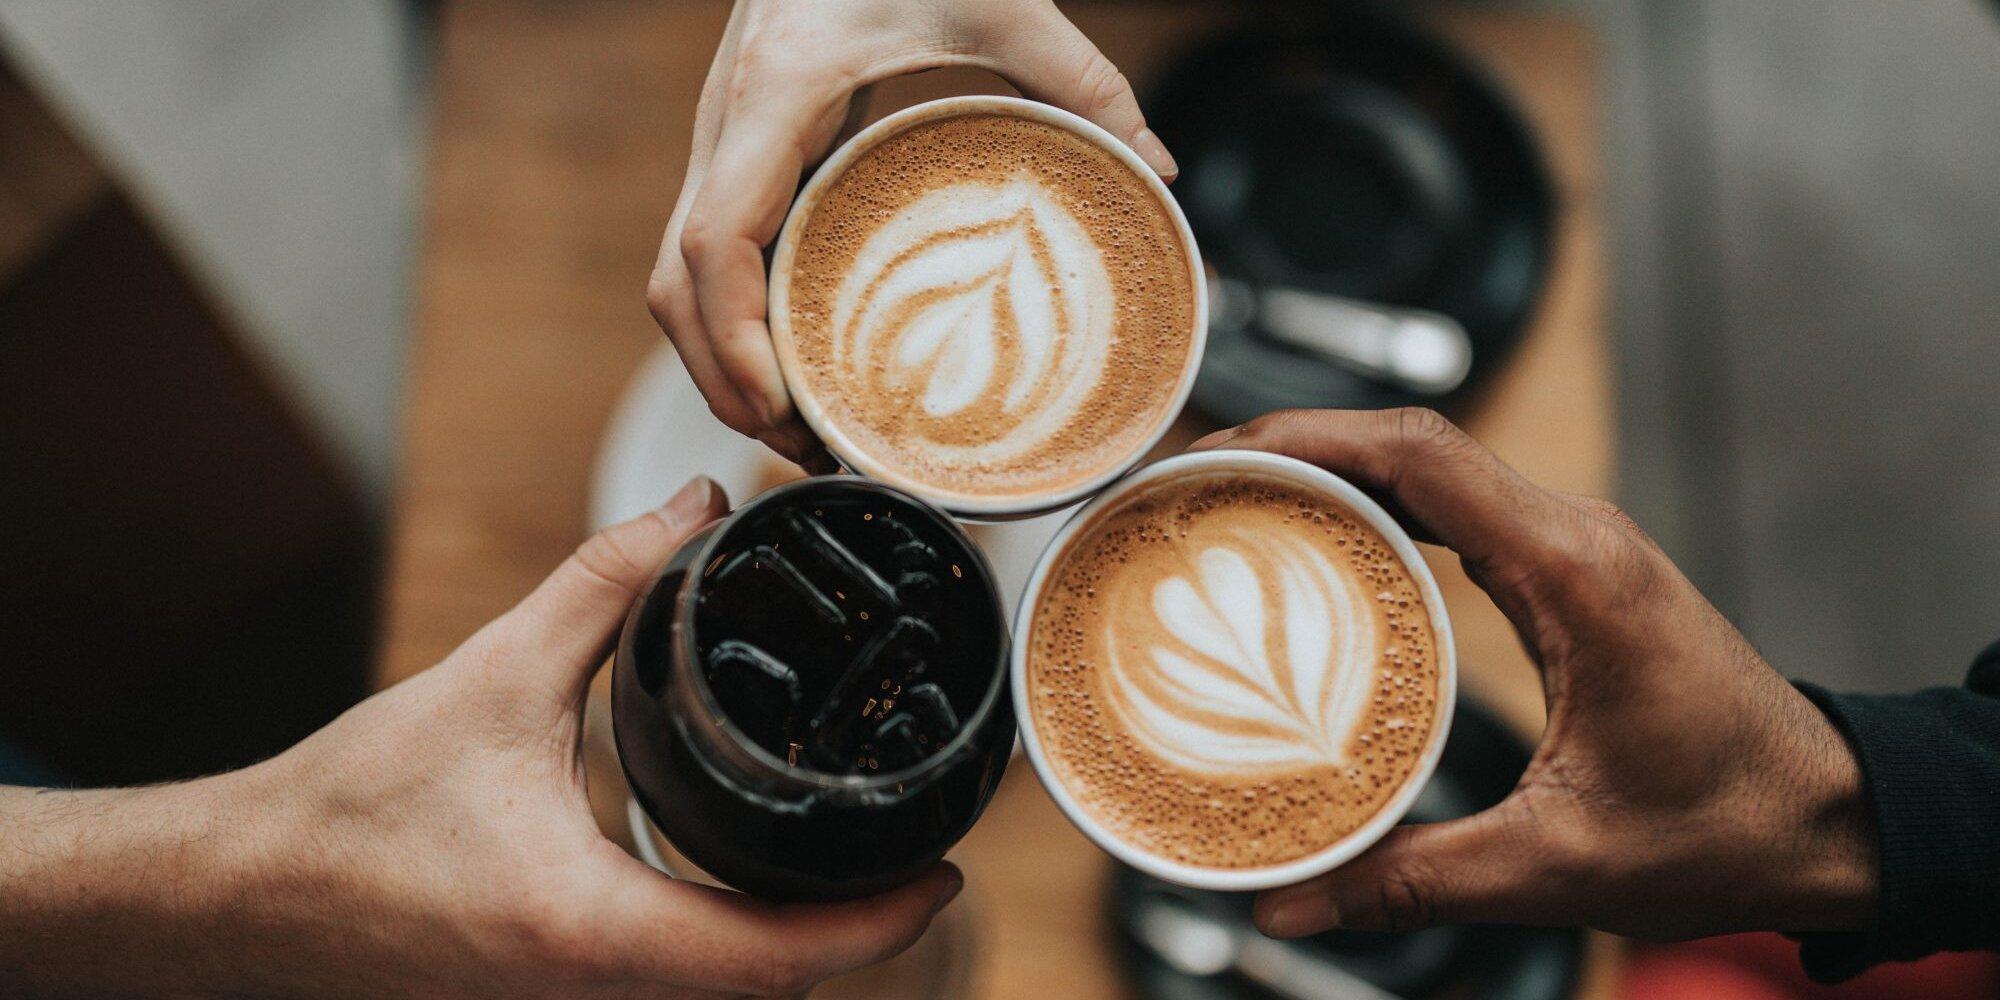 تهیه قهوه اسپرسو با شیر جوش